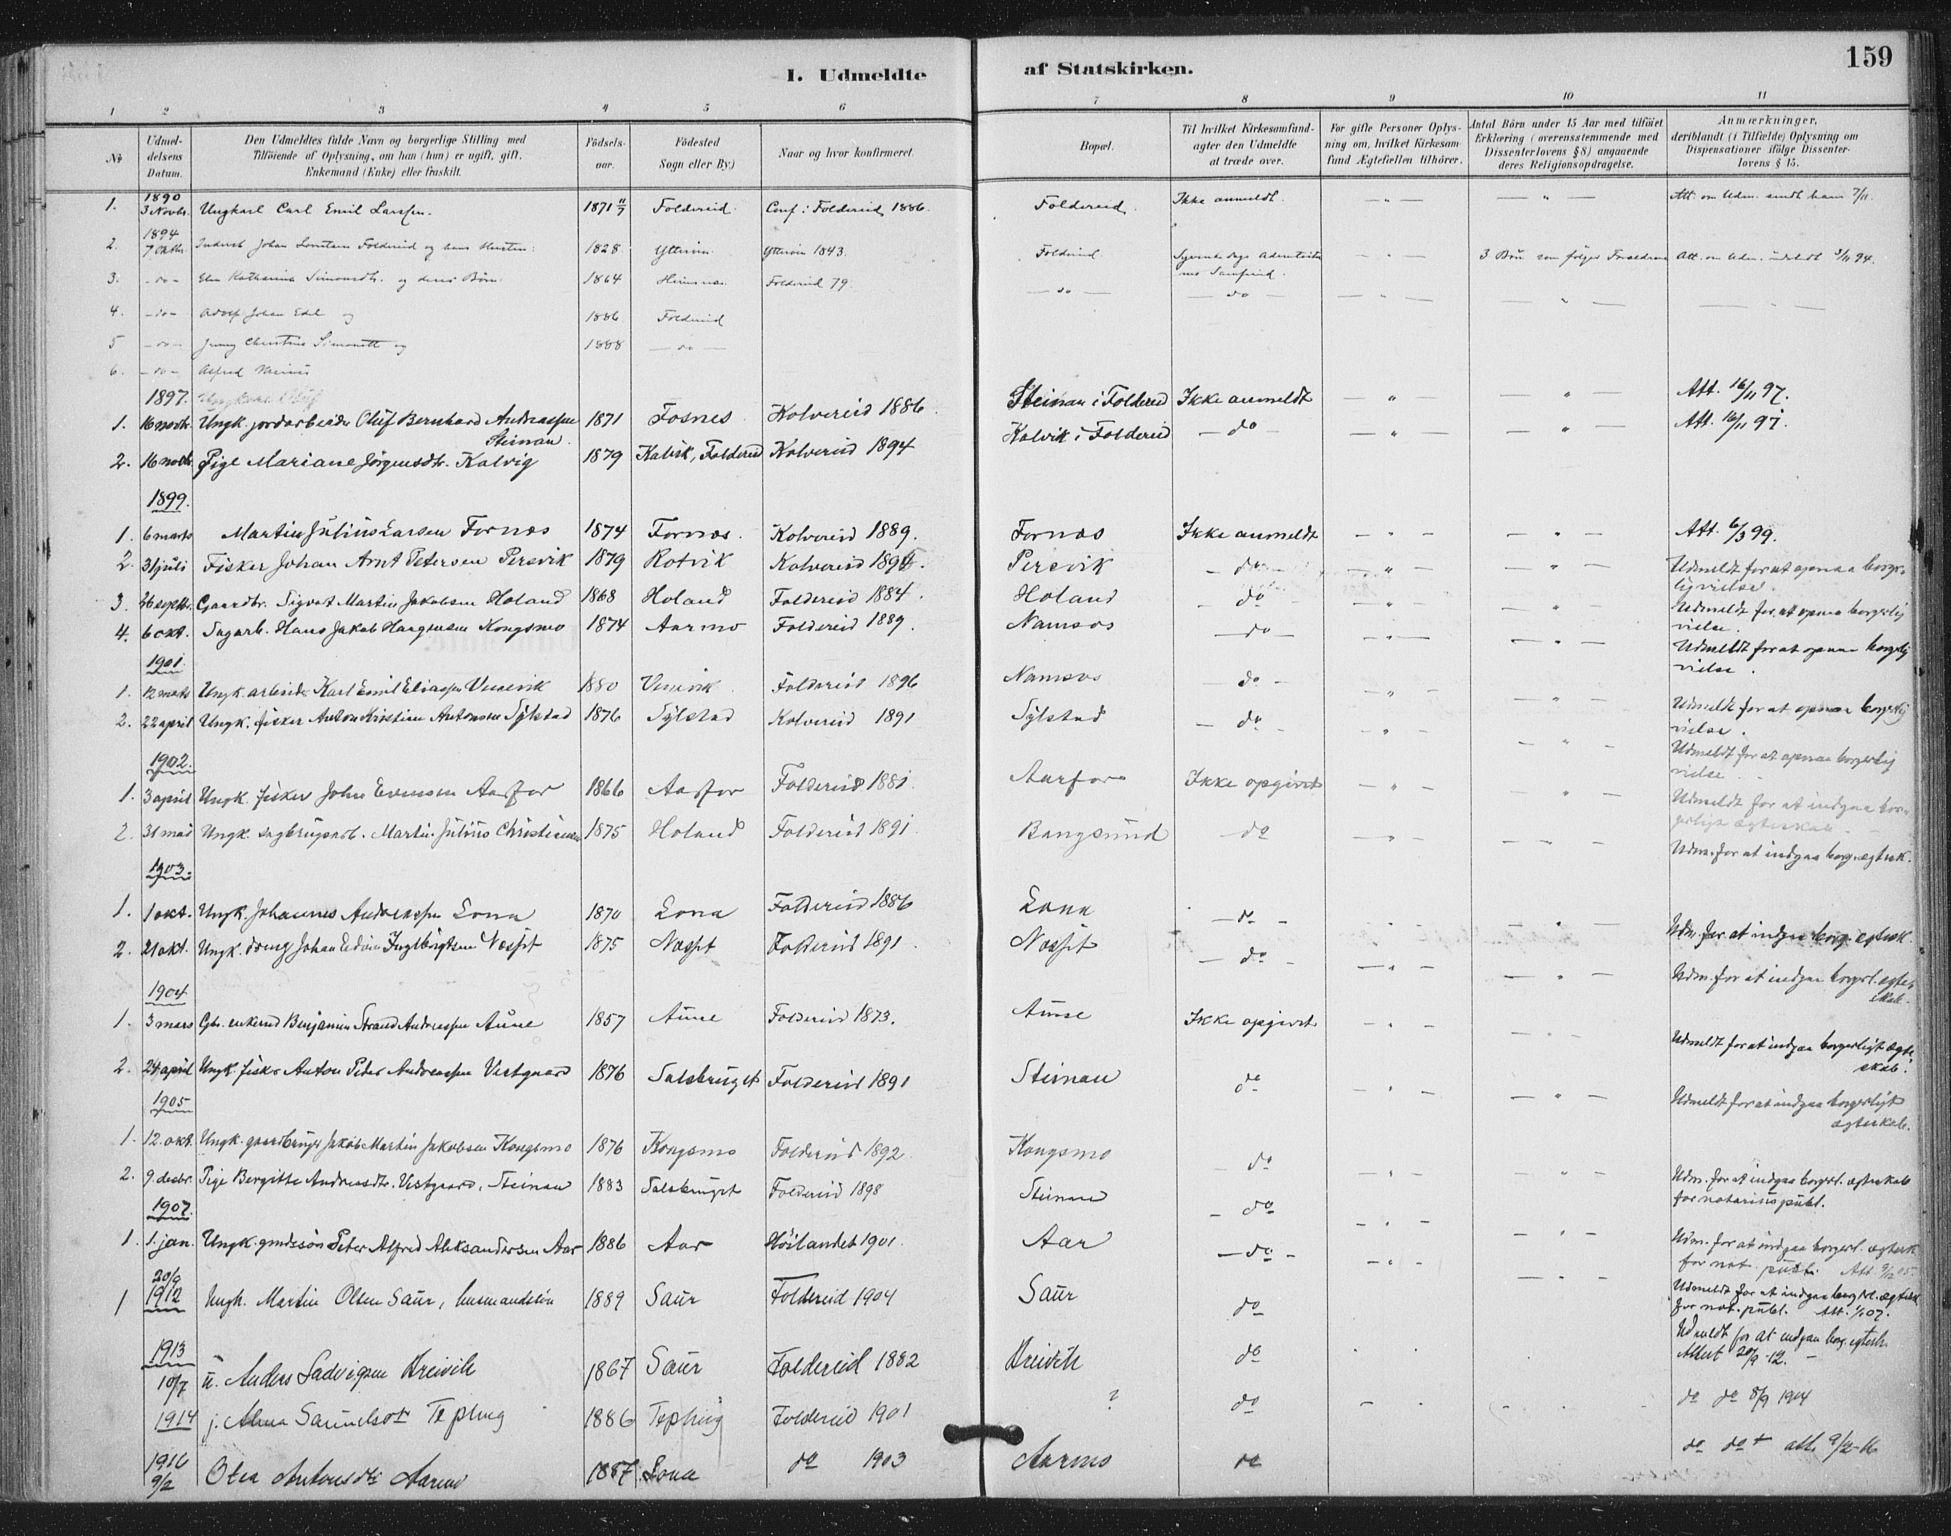 SAT, Ministerialprotokoller, klokkerbøker og fødselsregistre - Nord-Trøndelag, 783/L0660: Ministerialbok nr. 783A02, 1886-1918, s. 159